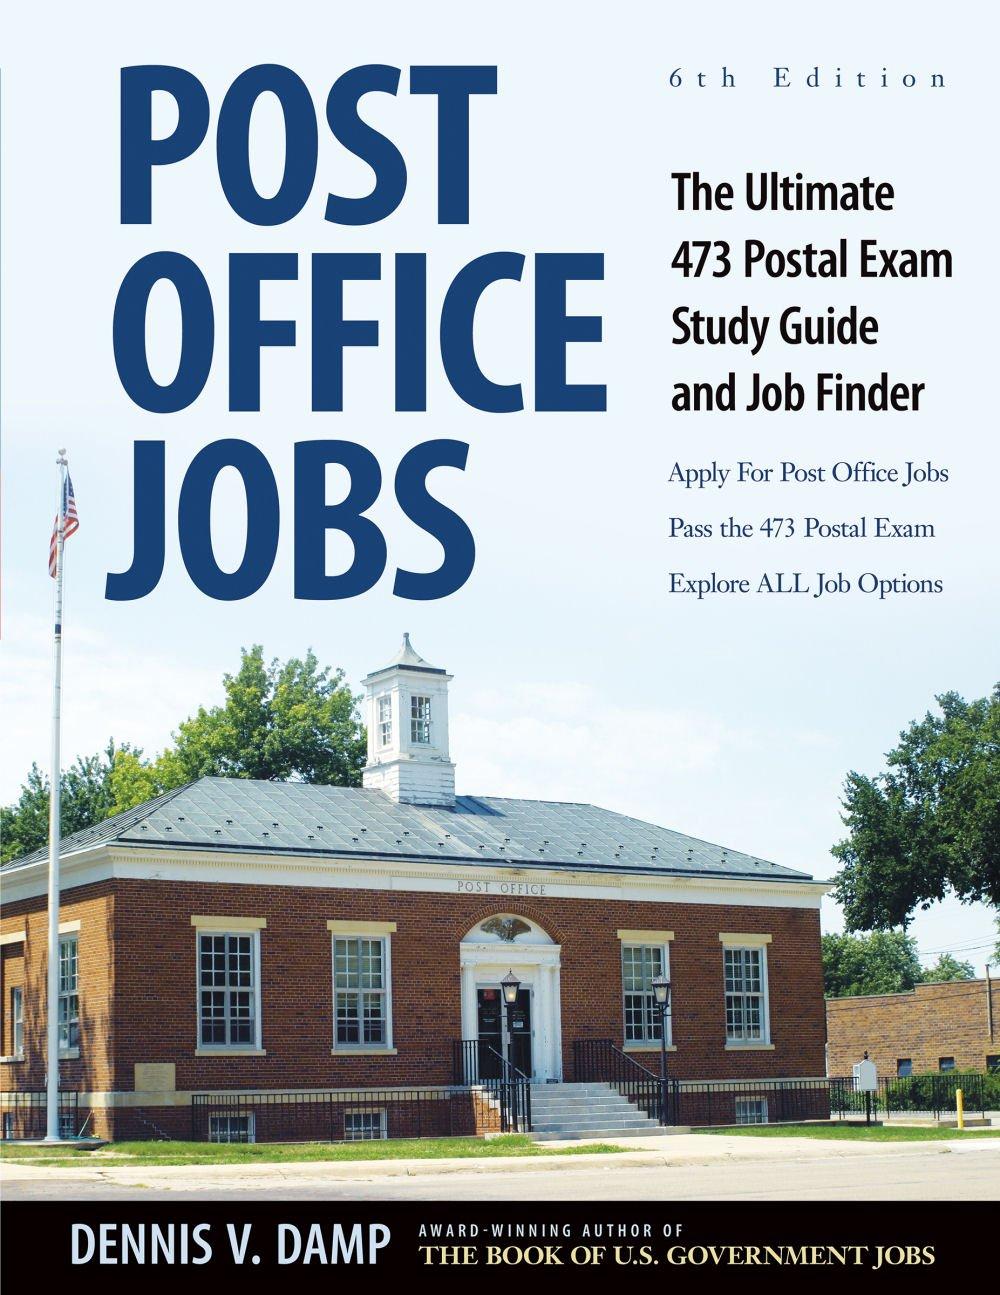 Postal Exam 473 Study Guide Pdf Free 2019